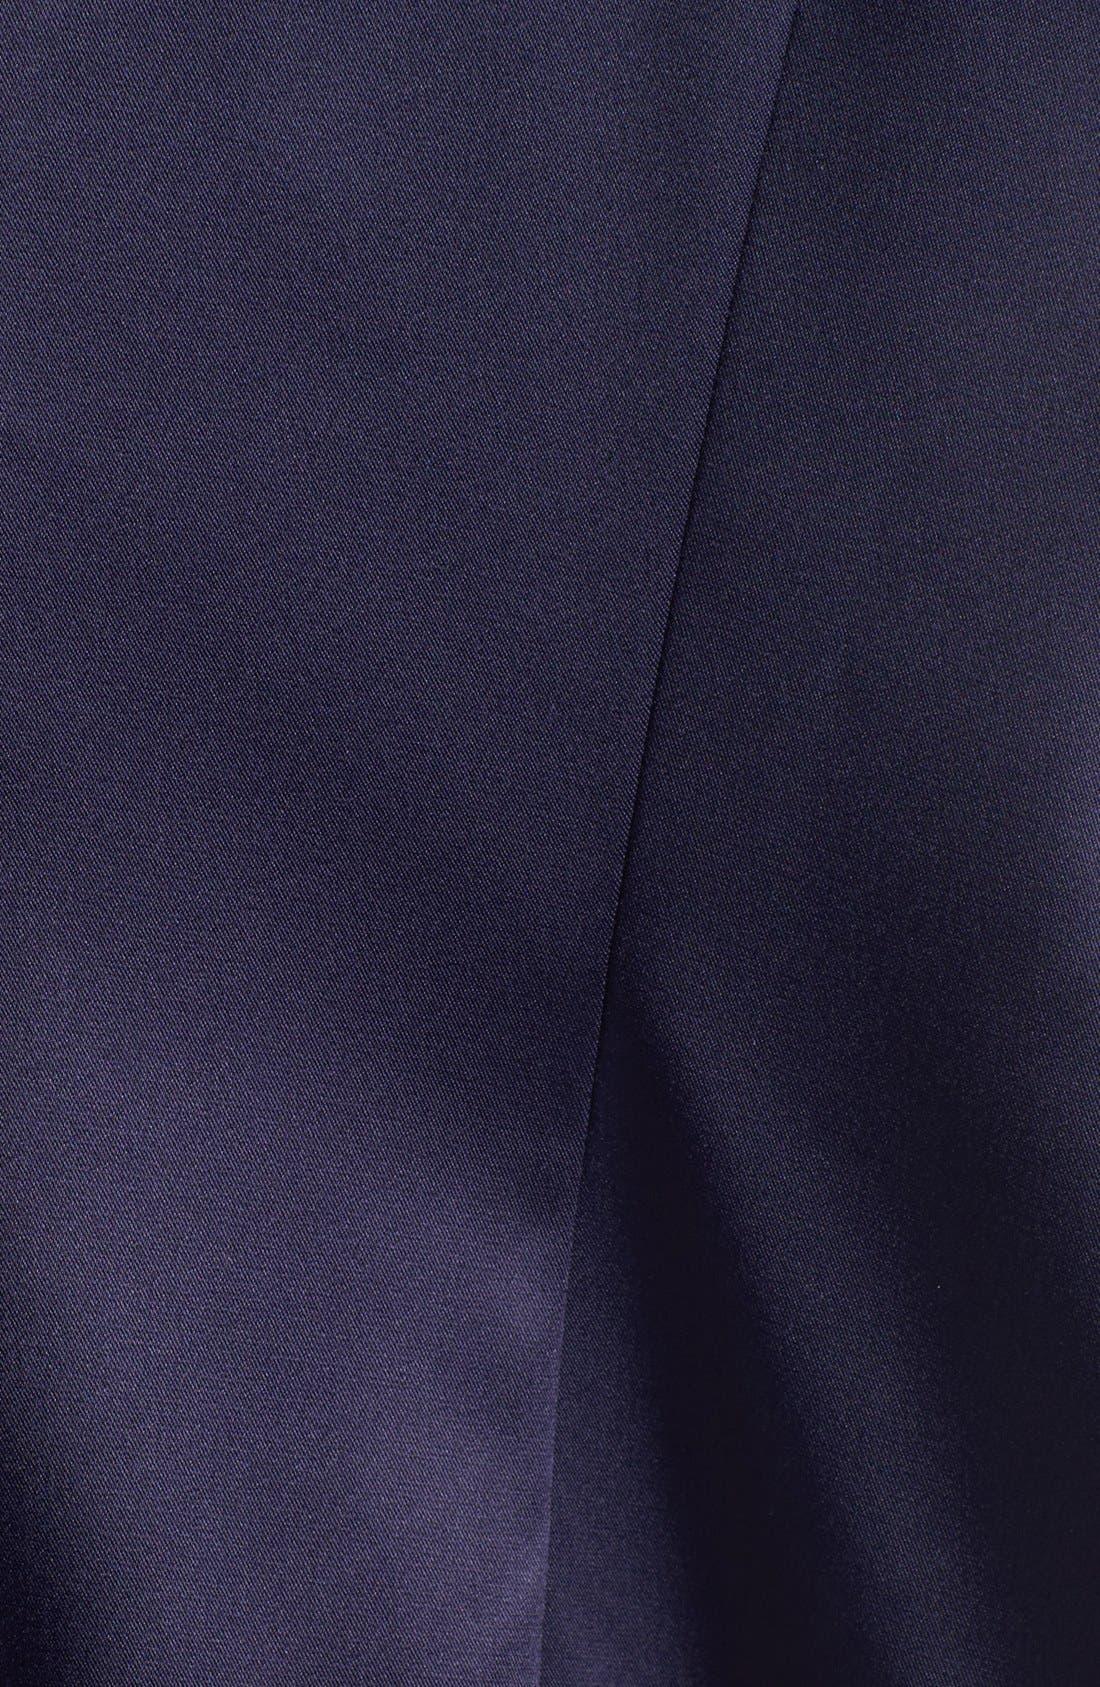 Embellished Side Ruched Sheath Dress,                             Alternate thumbnail 7, color,